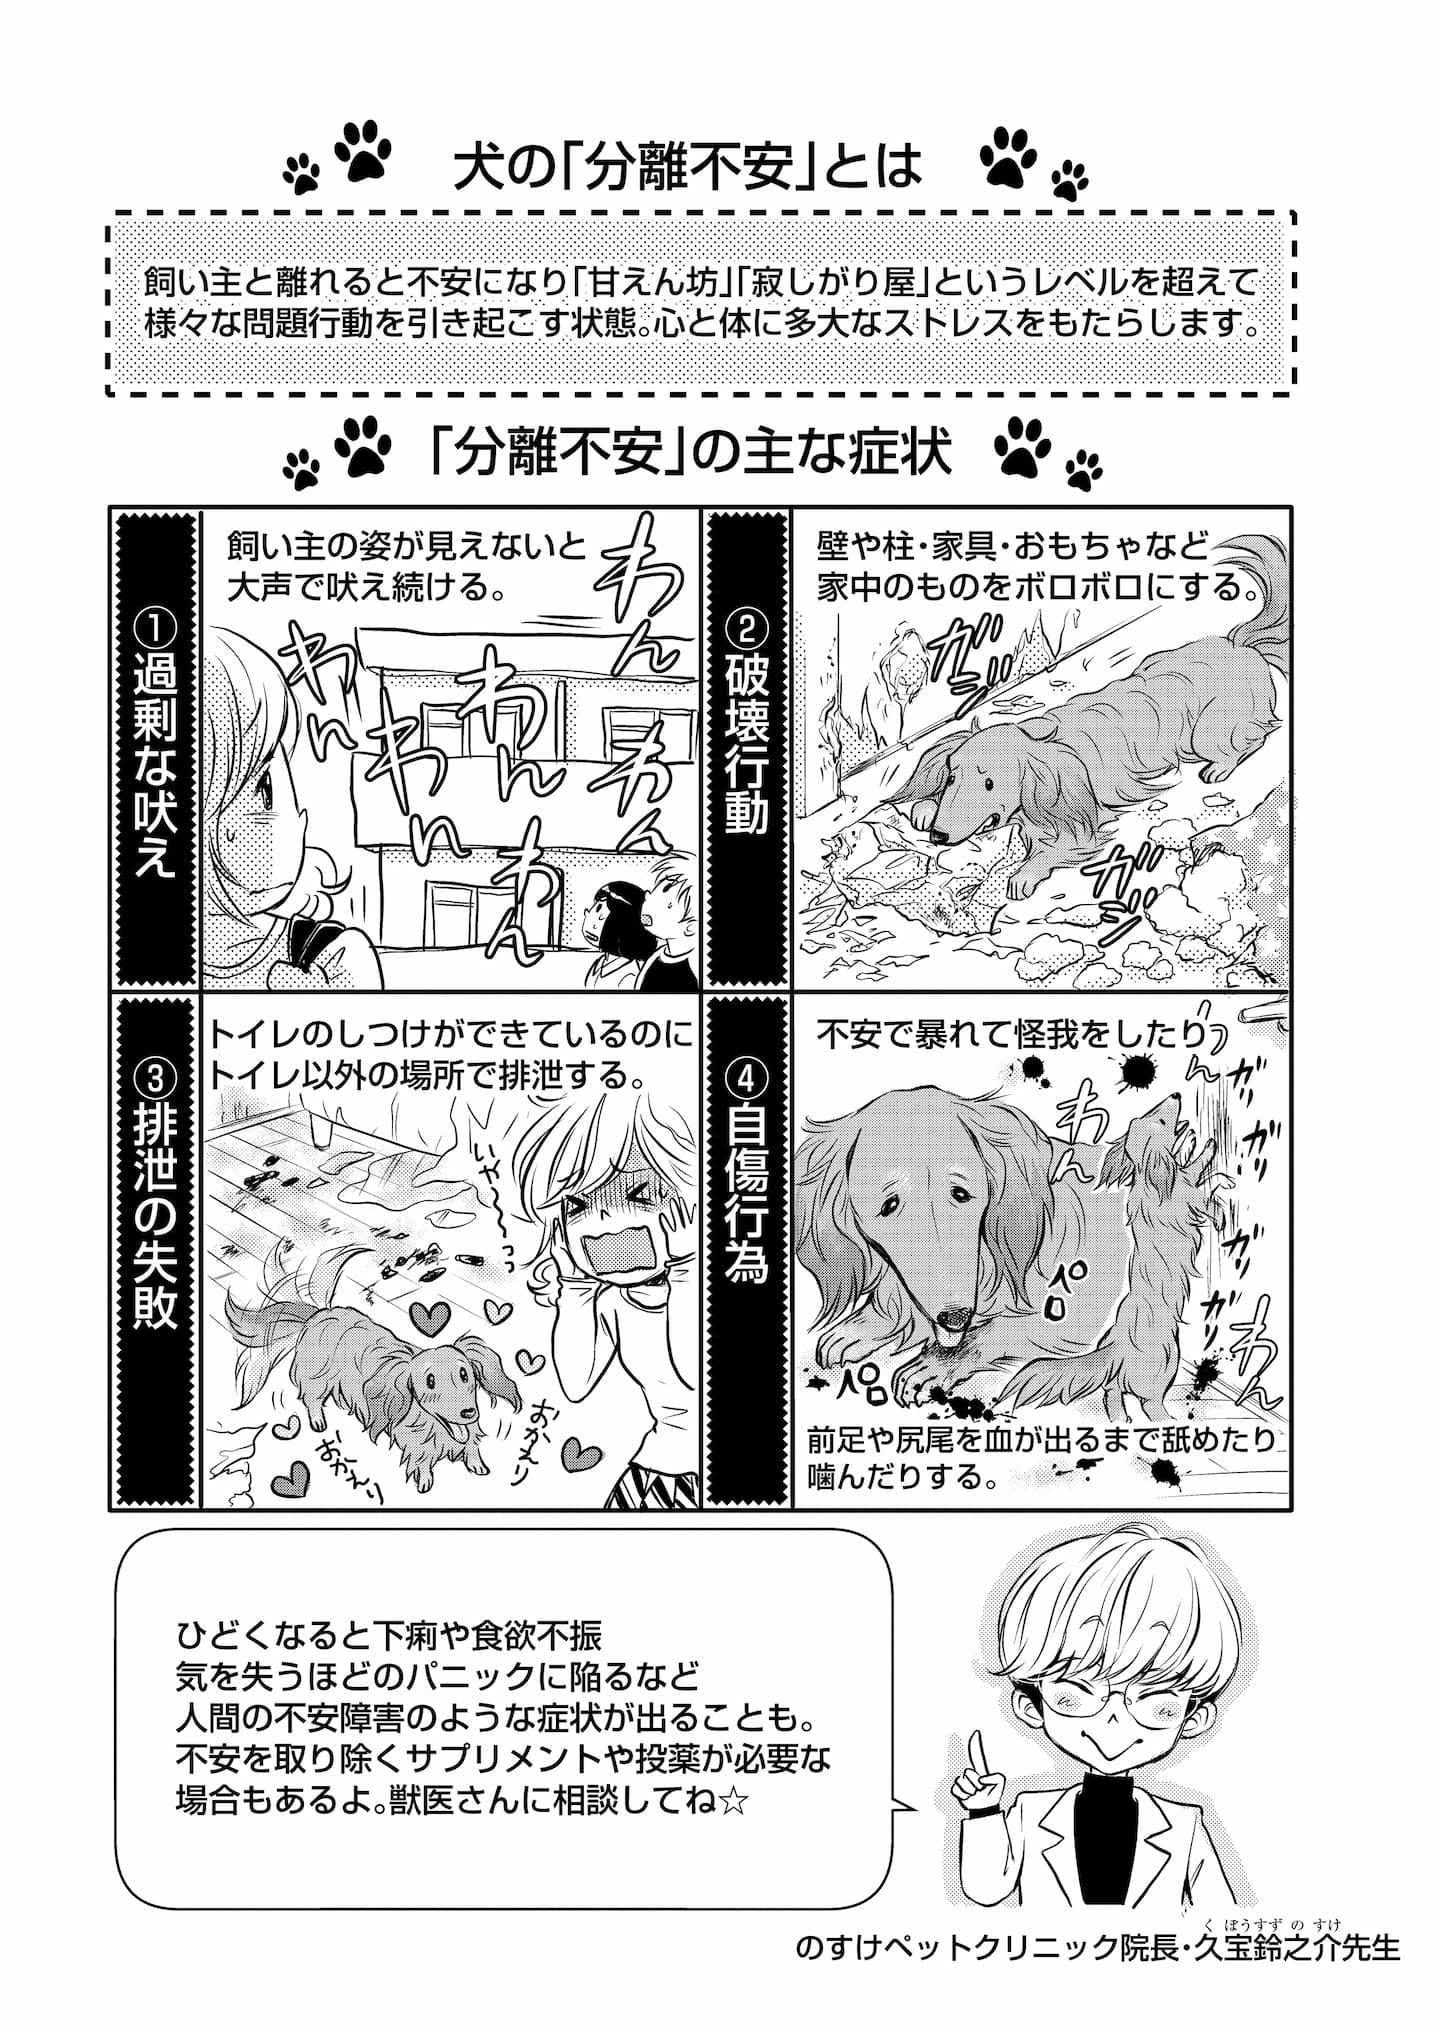 『DOG SIGNAL』7話目① 3ページ目